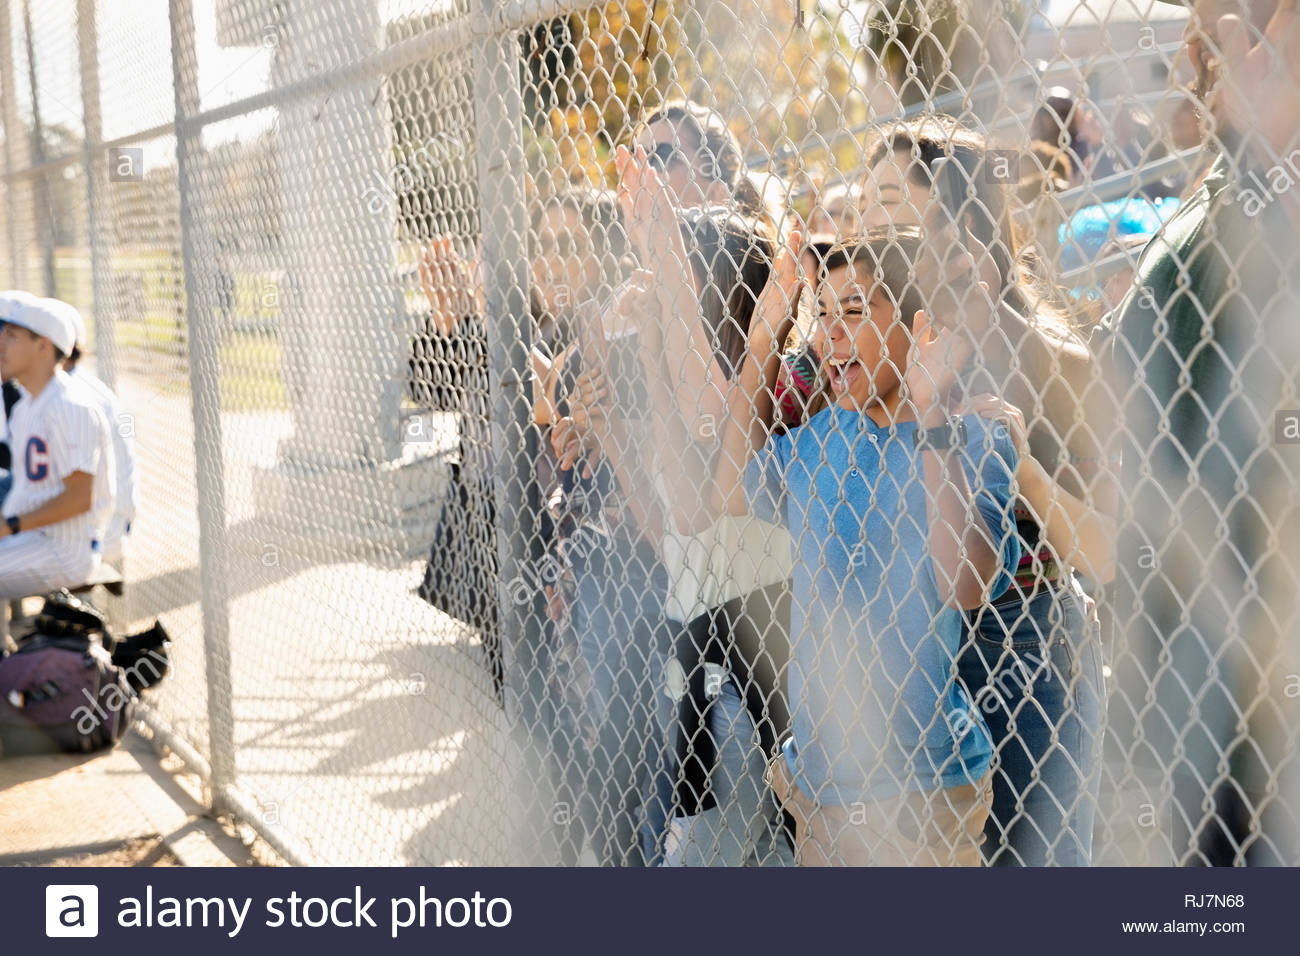 Una platea entusiastica acclamare al recinto durante la partita di baseball Immagini Stock